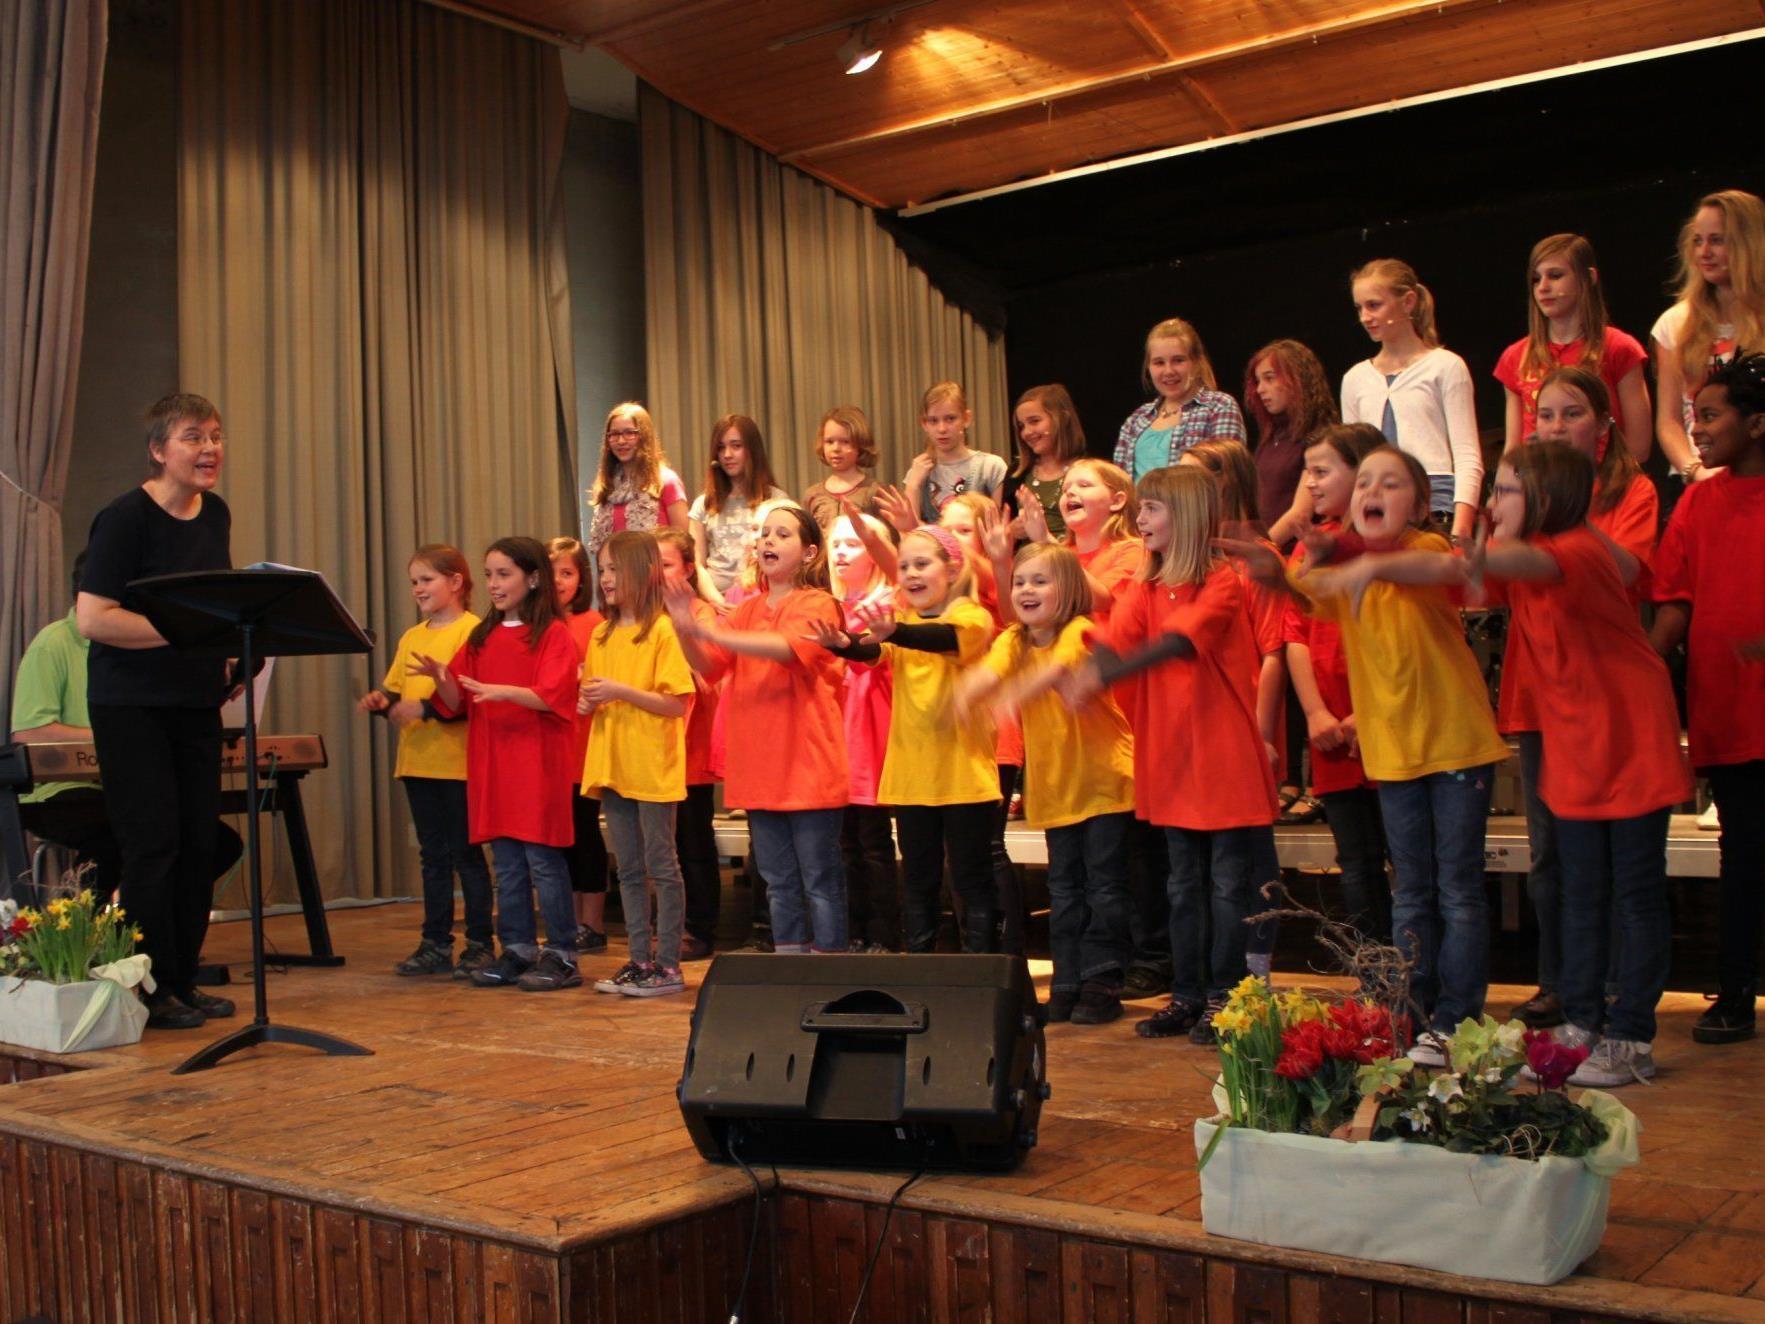 Die Jugendchöre begeisterten mit ihren temperamentvollen Auftritten das Publikum.